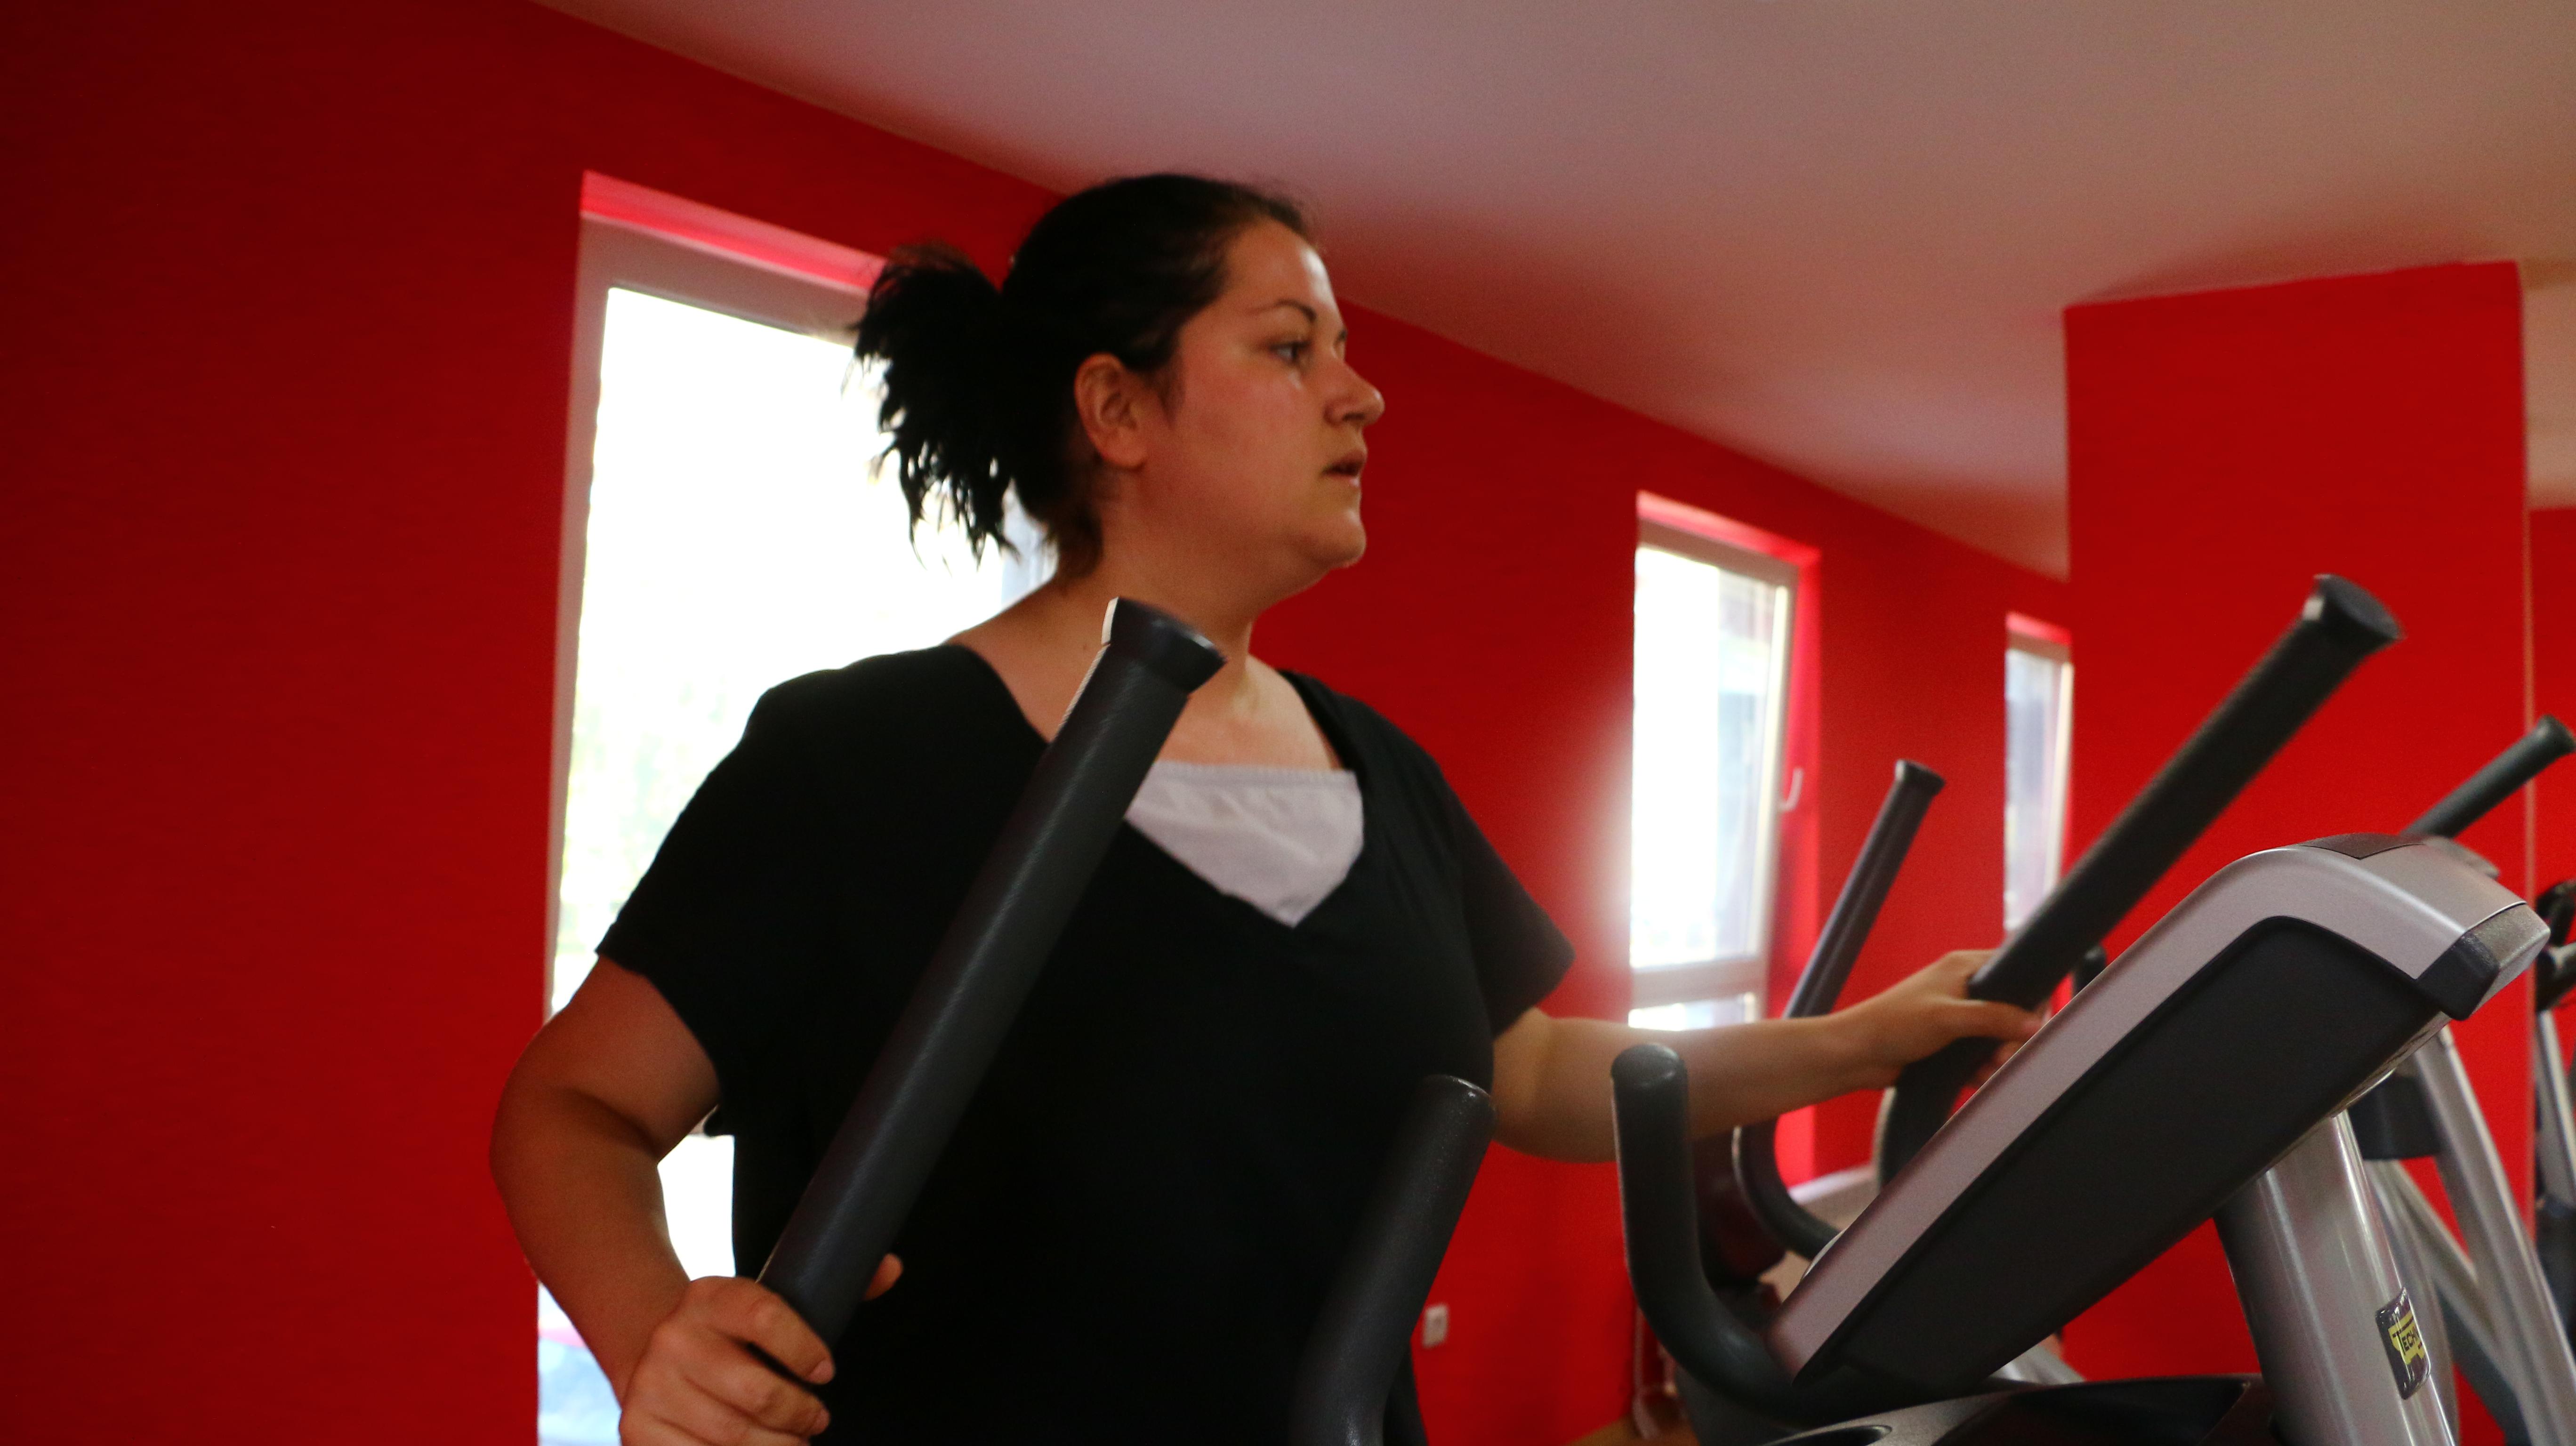 Състезанието на ФитПерсона - отслабване с индивидуален режим на хранене и тренировки